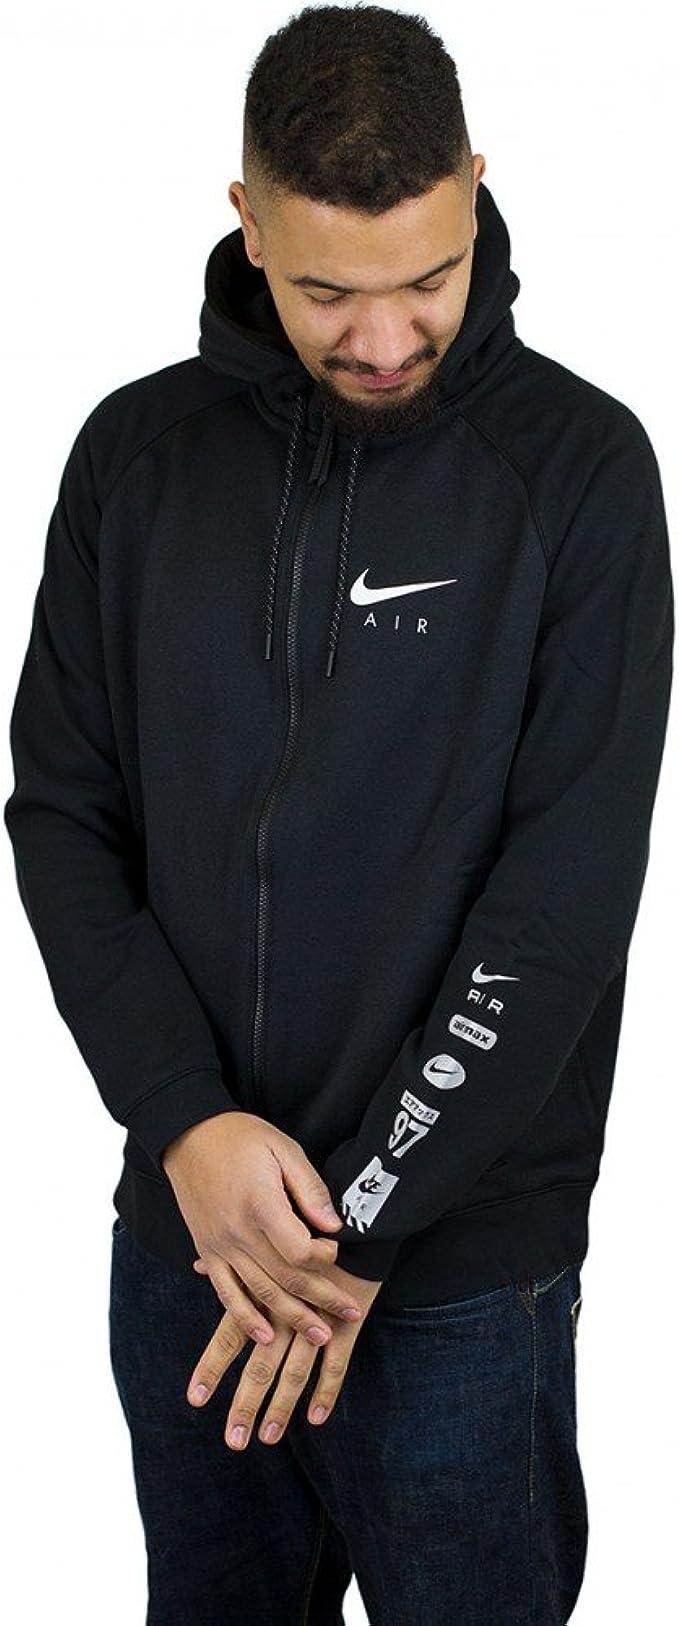 Nike Men's Sportwear Air Hybrid Full Zip Hoodie BlackWhite